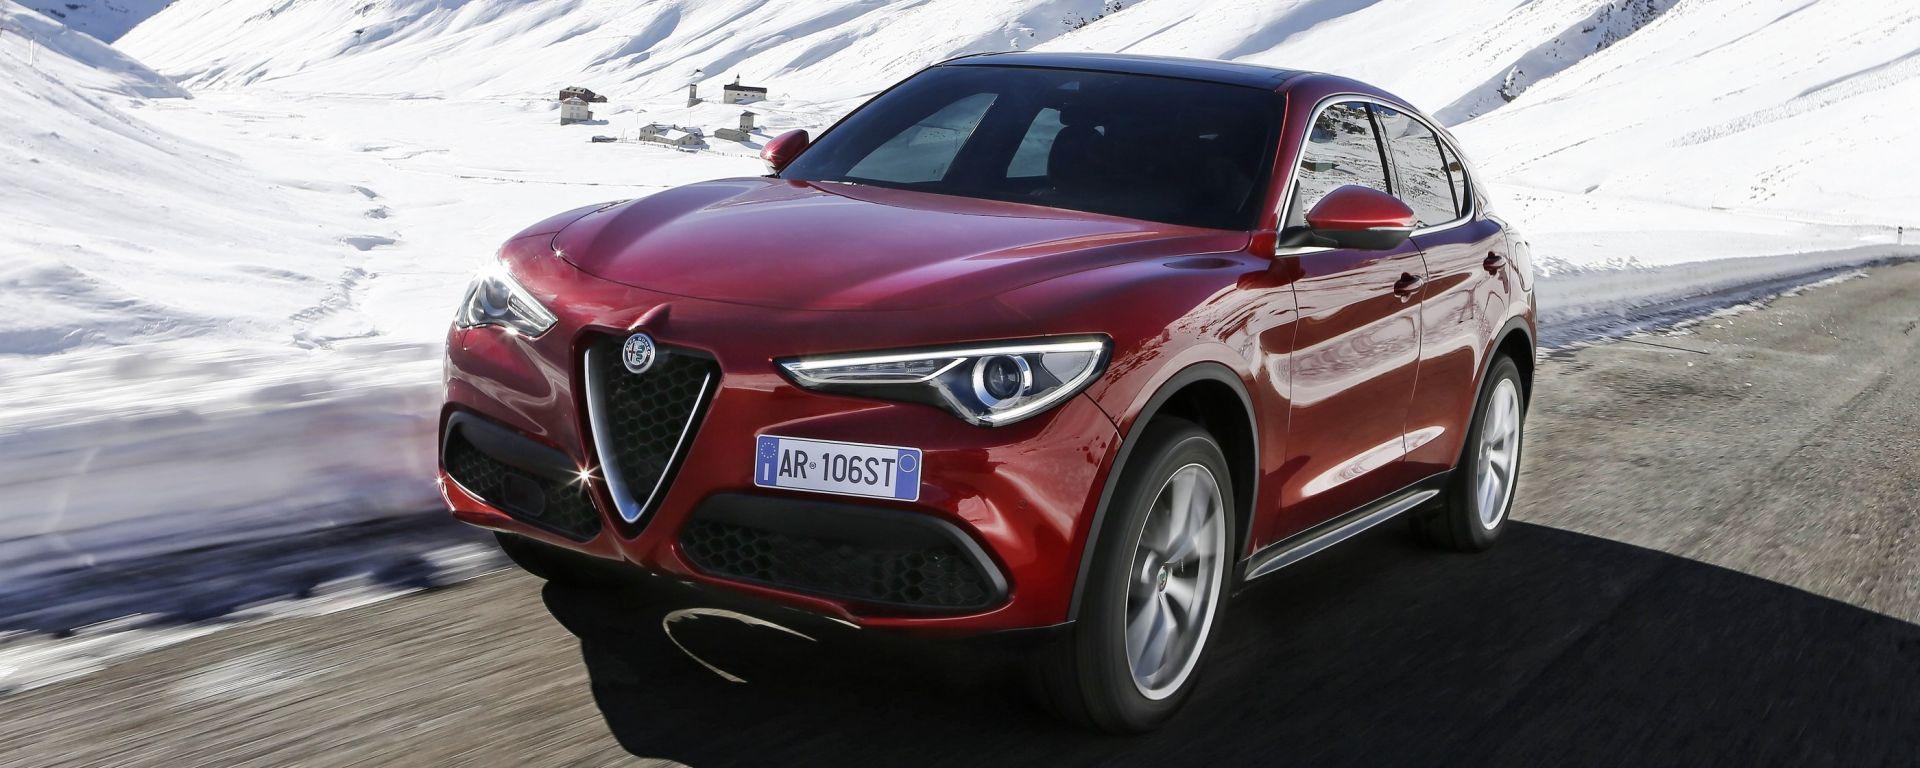 Alfa Romeo Stelvio: prova, dotazioni, prezzi [VIDEO]